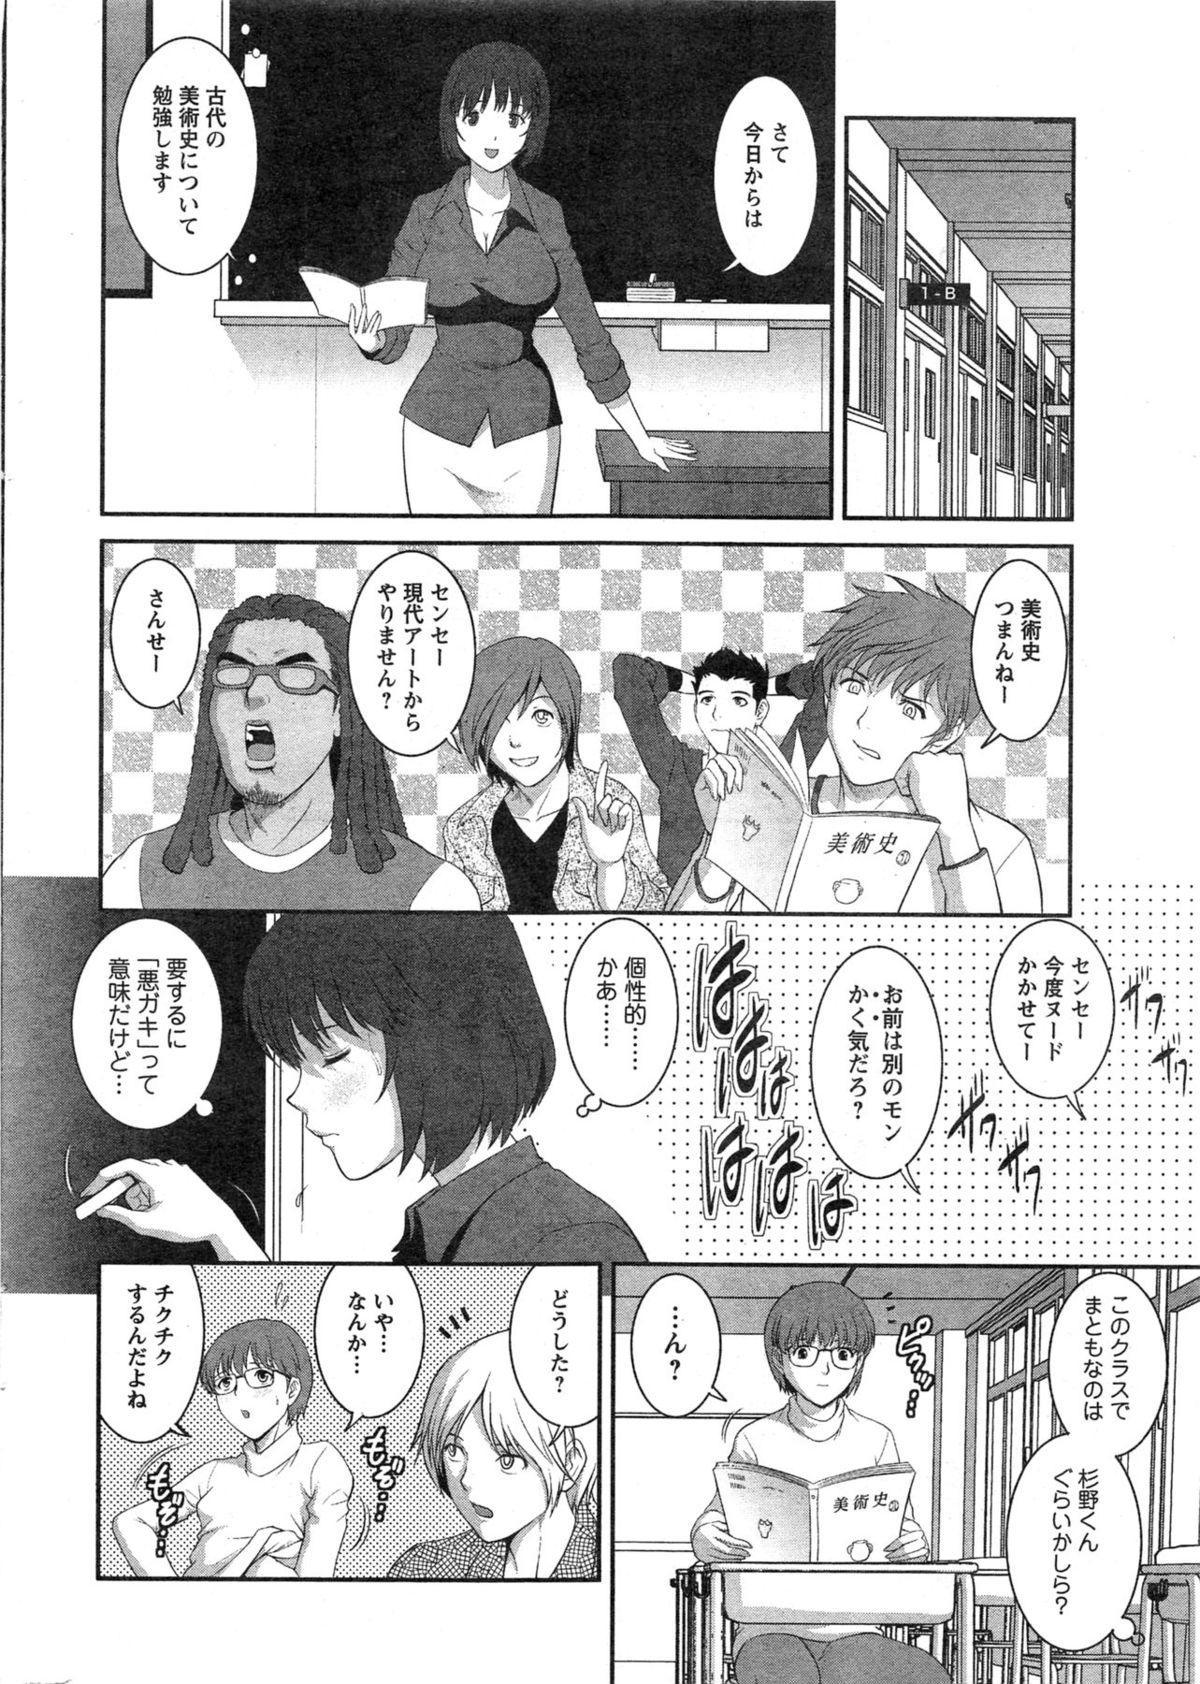 [Saigado] Hitozuma Jokyoushi Main-san Ch.01-10 7